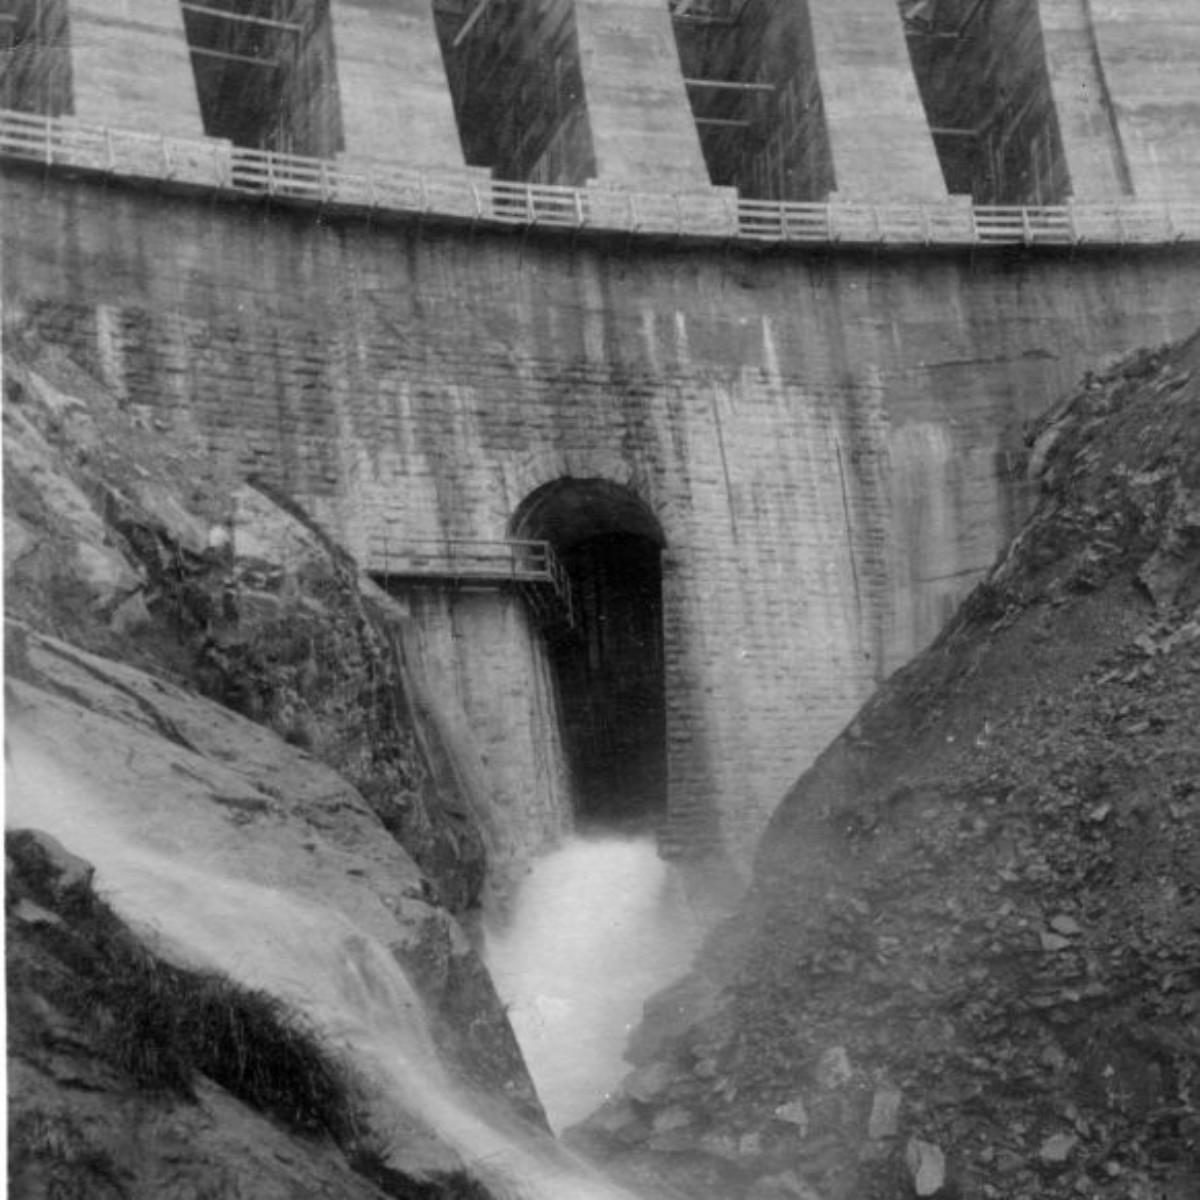 La diga in costruzione. Lo scarico di fondo